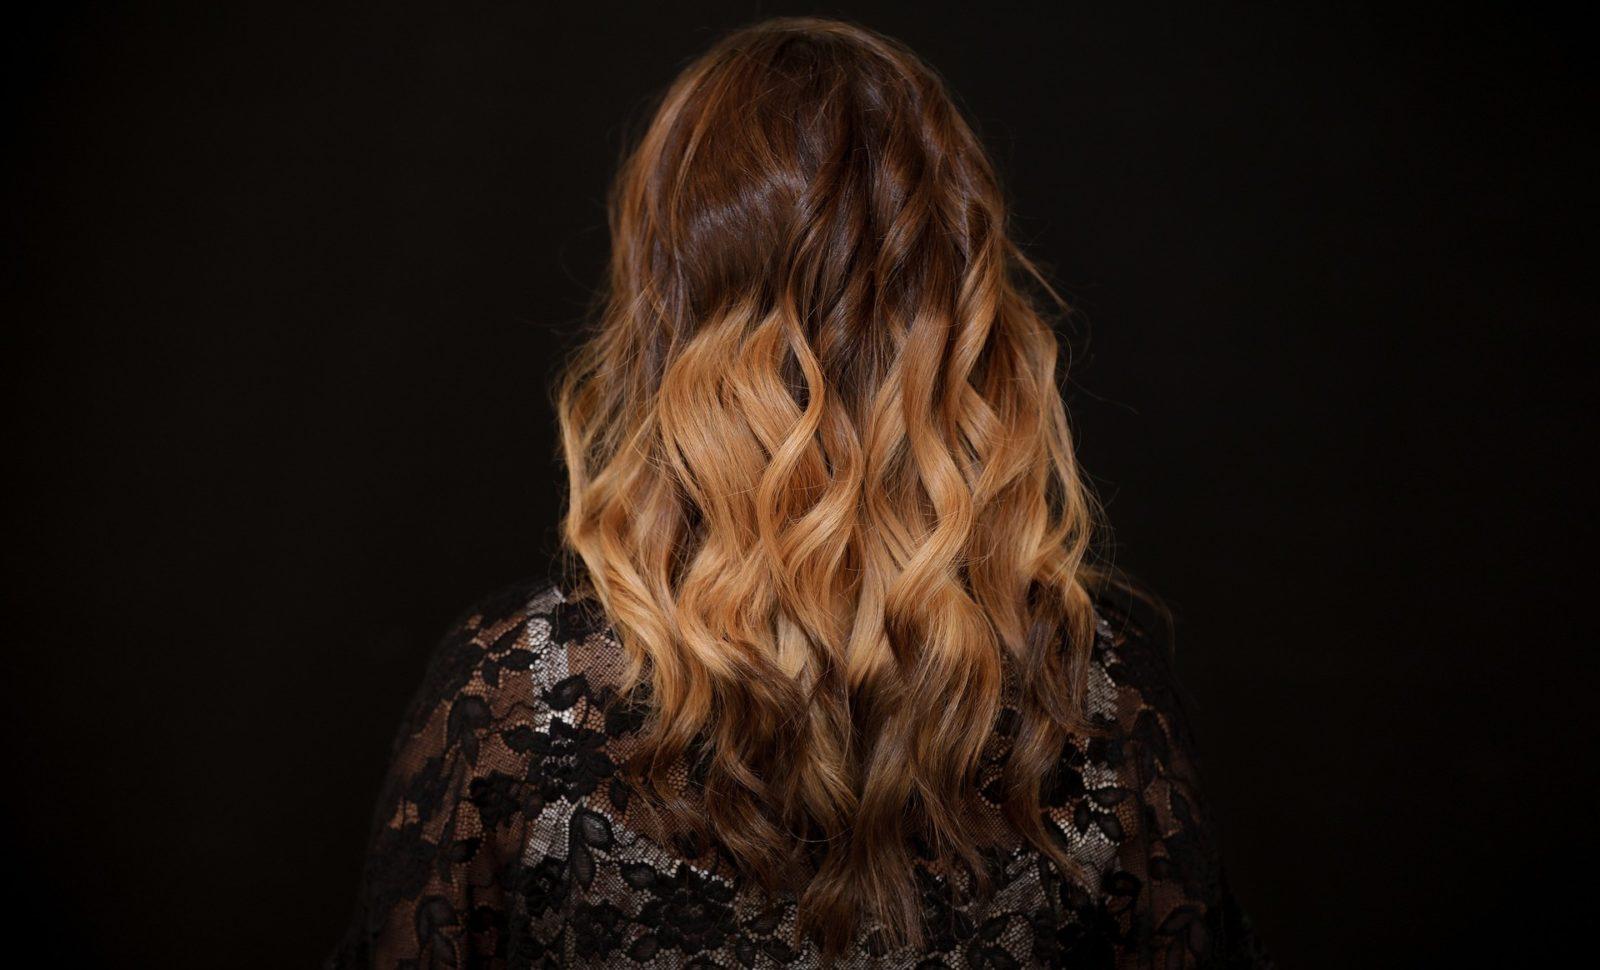 Haarschnitt Frauen - Coiffeur und Hairstyling Lounge